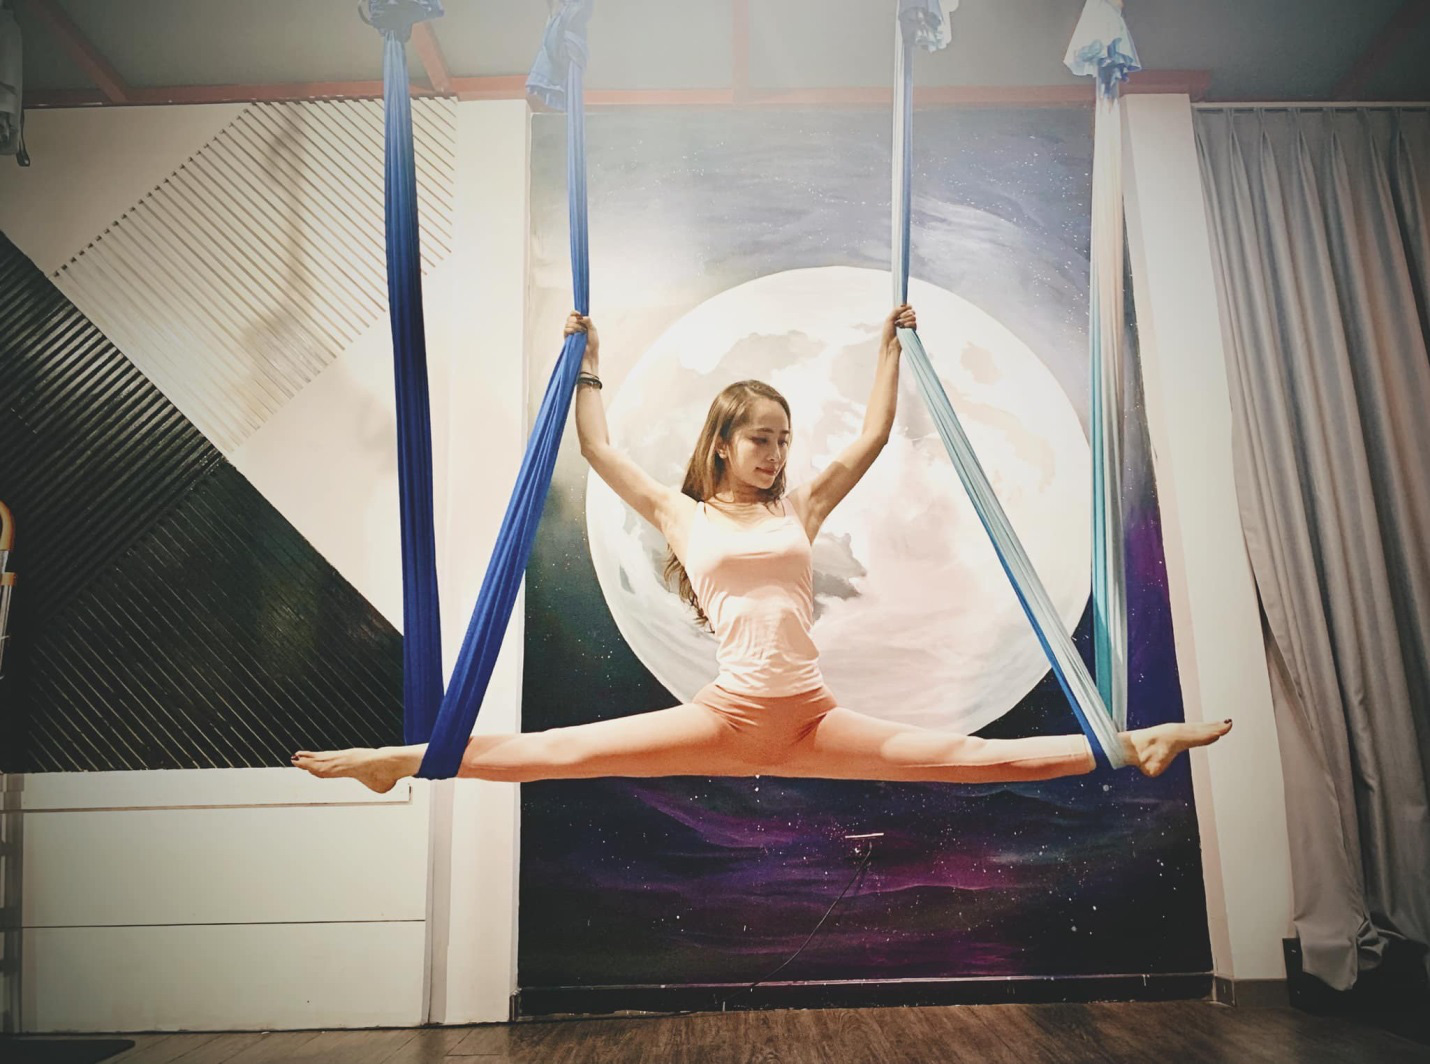 Aerial Yoga bộ môn của những cô nàng yêu cái đẹp - Ảnh 3.